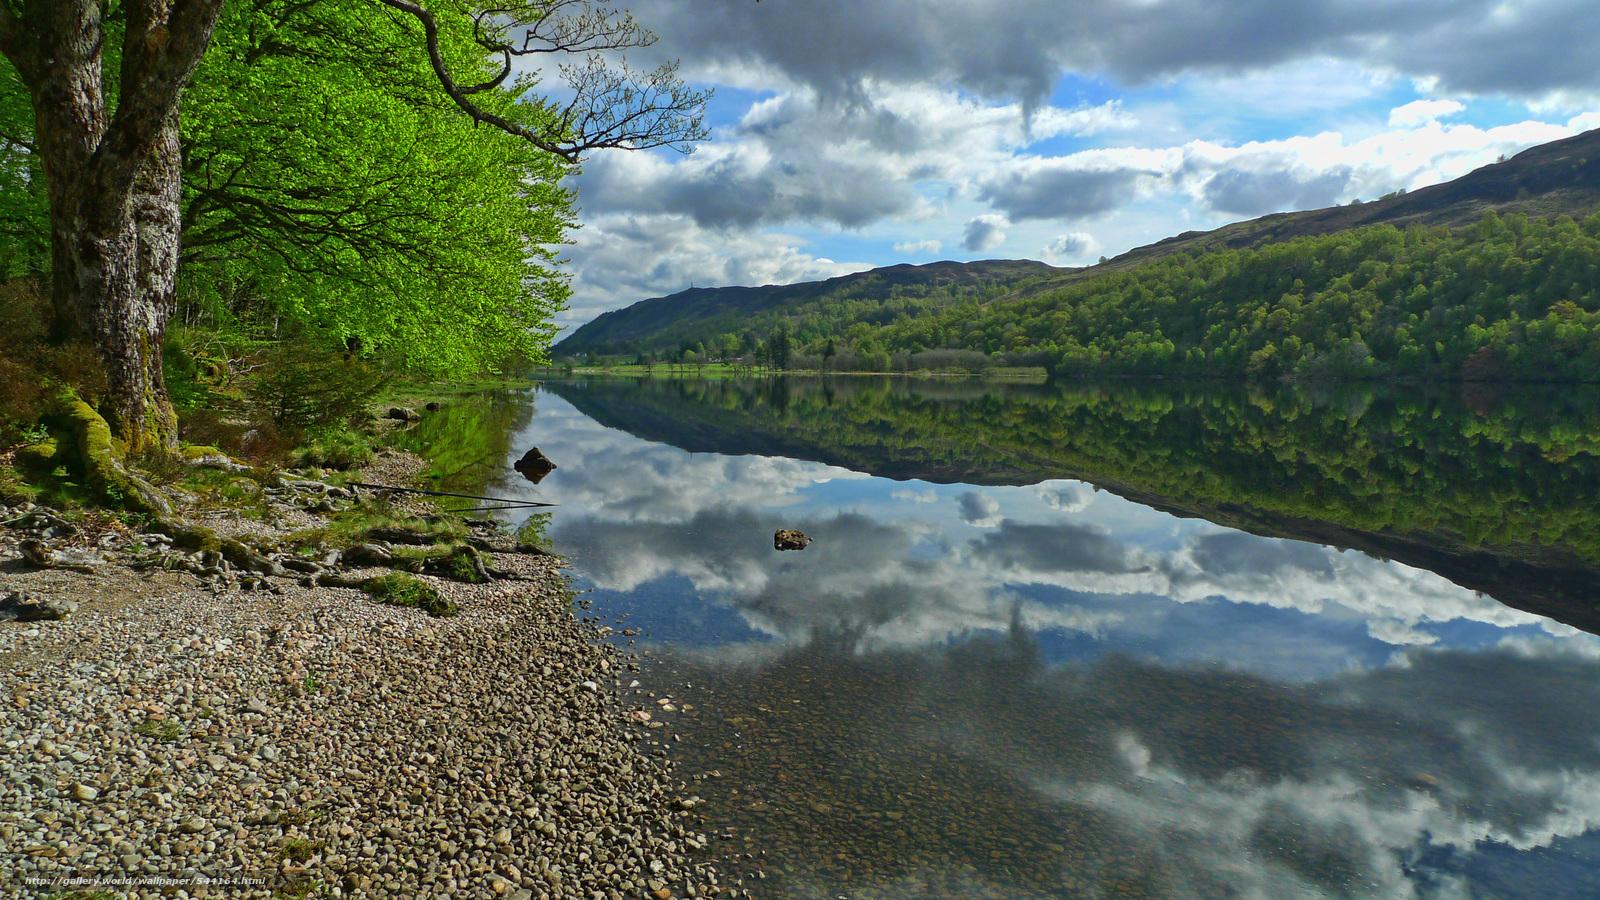 下载壁纸 苏格兰高地,  山,  河,  岸 免费为您的桌面分辨率的壁纸 3968x2232 — 图片 №544164